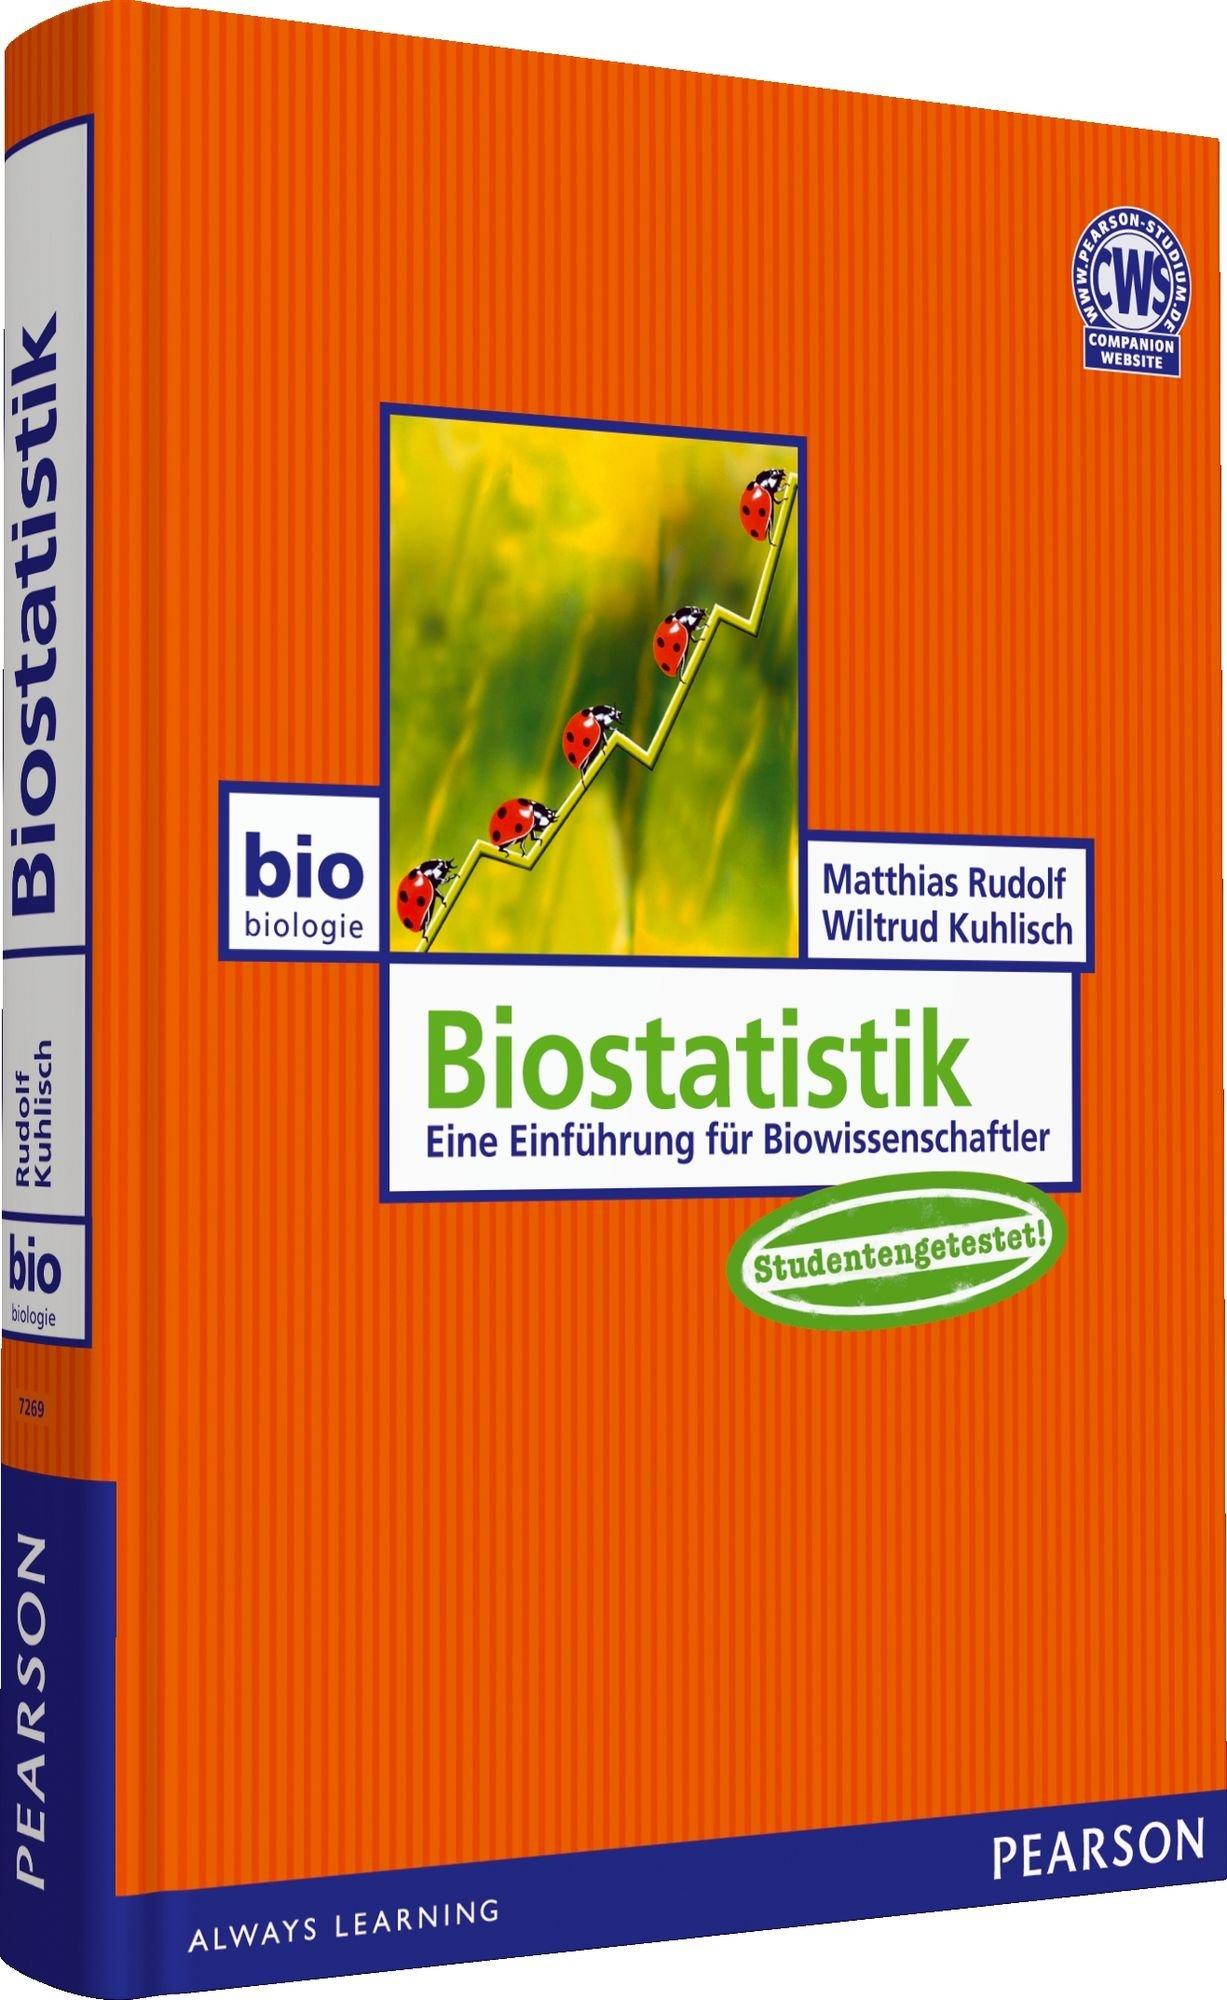 Biostatistik: Eine Einführung für Biowissenschaftler (Pearson Studium - Biologie)